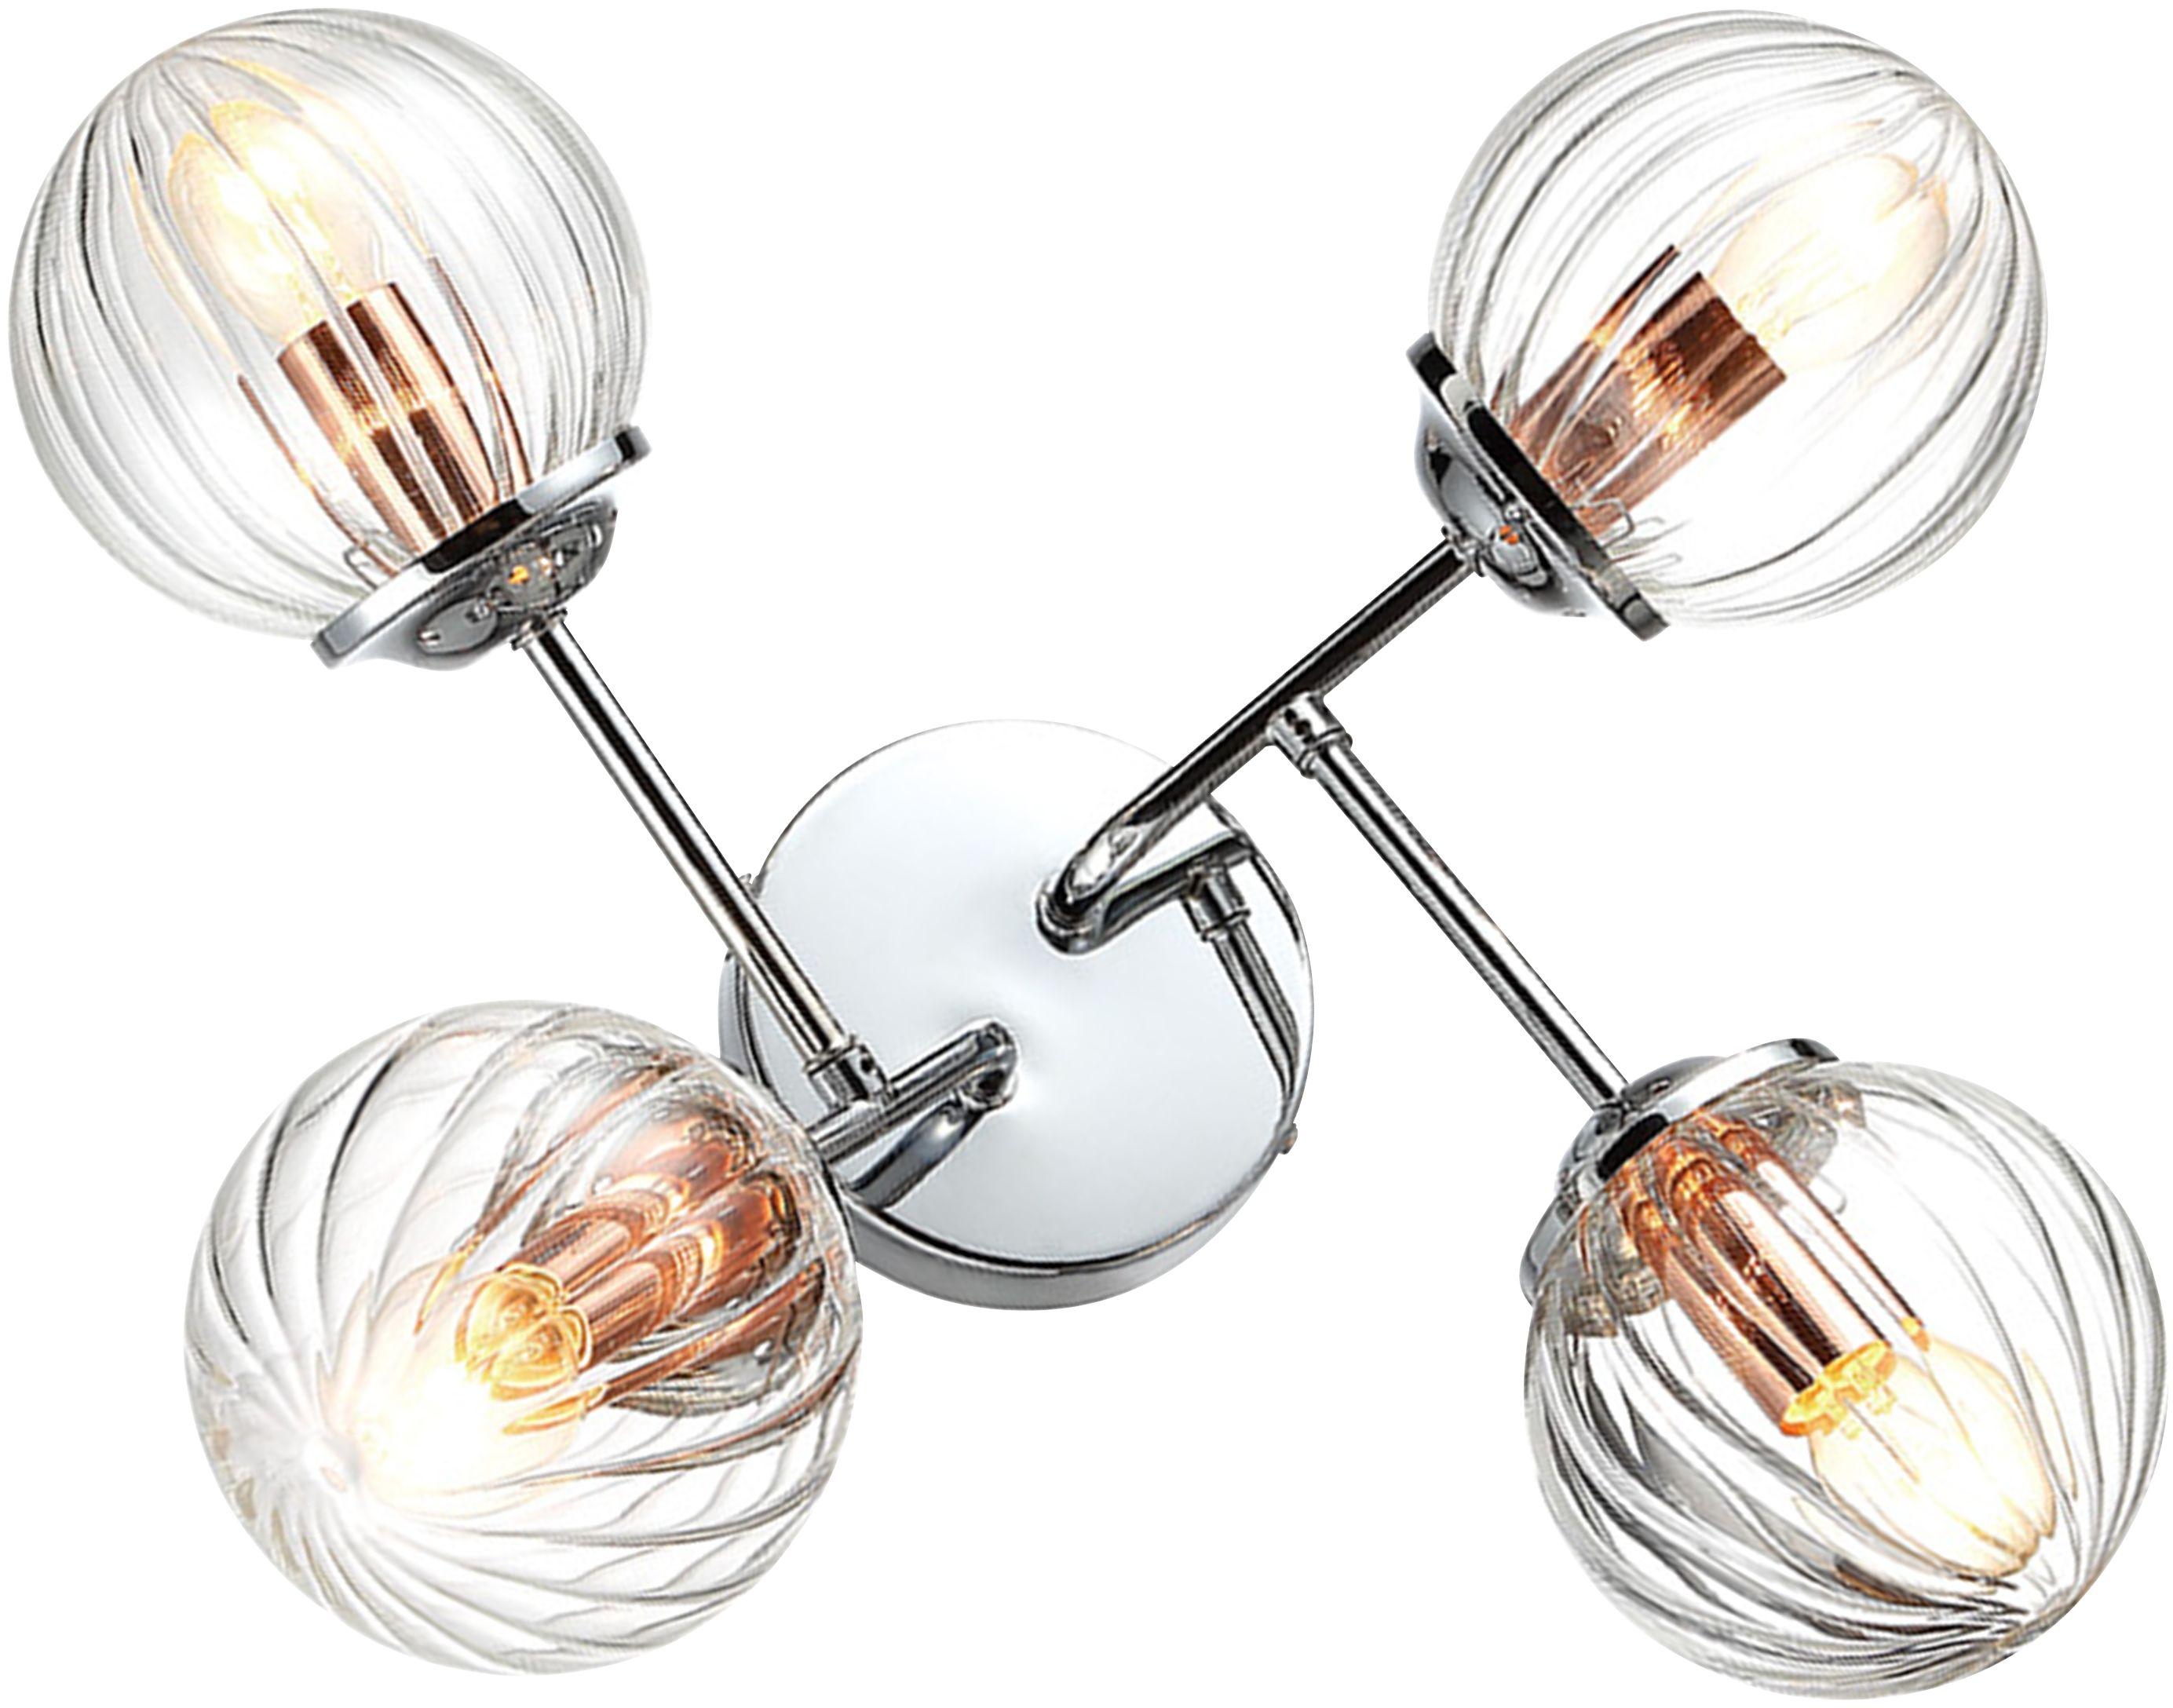 Candellux BEST 34-67265 plafon lampa sufitowa chrom + miedź 4X40W E14 33cm